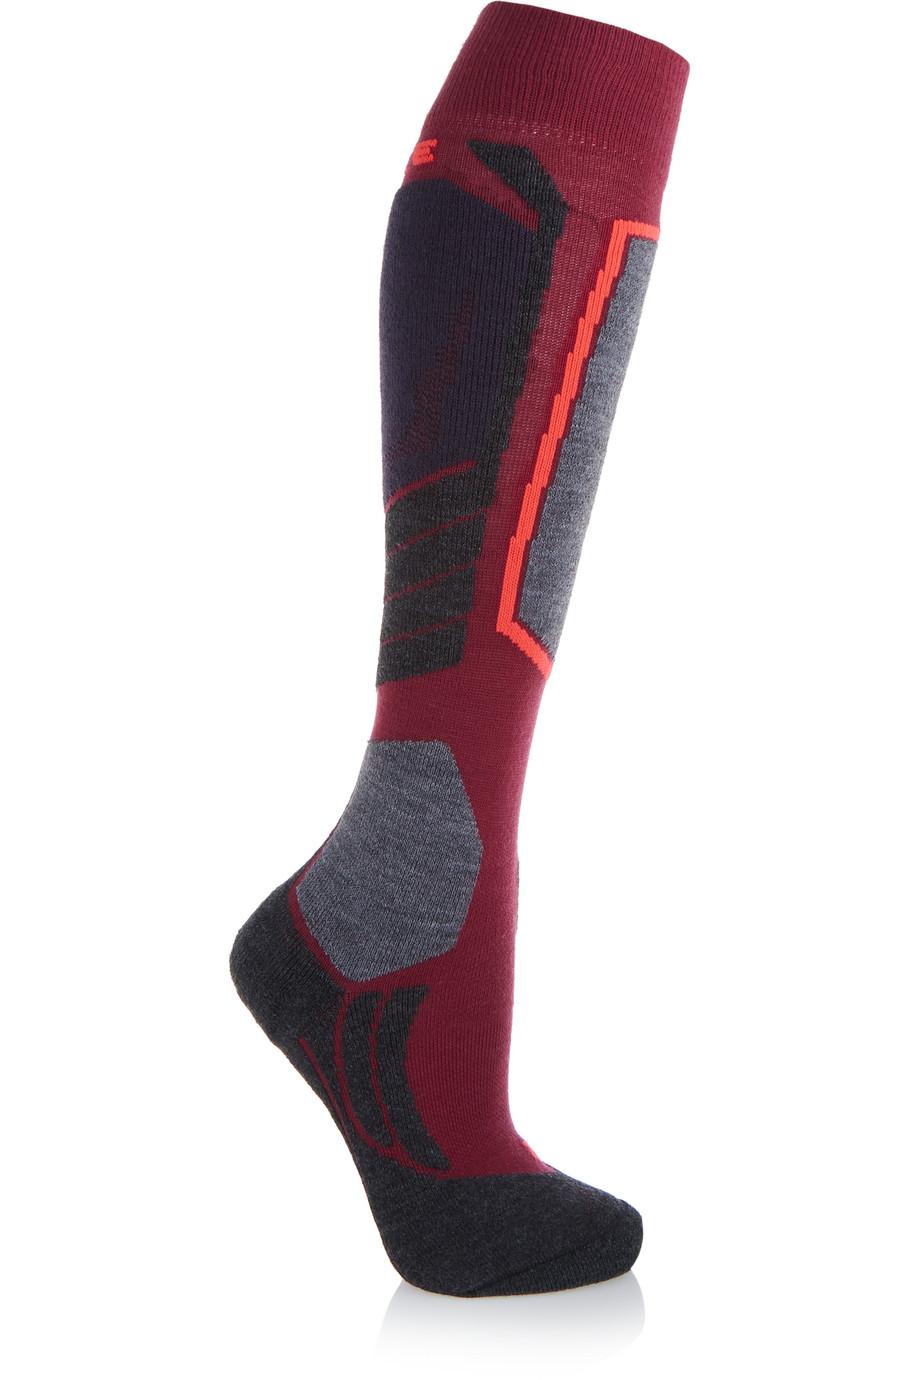 SK2 Knitted Socks, FALKE Ergonomic Sport System, Plum, Women's, Size: 39-40